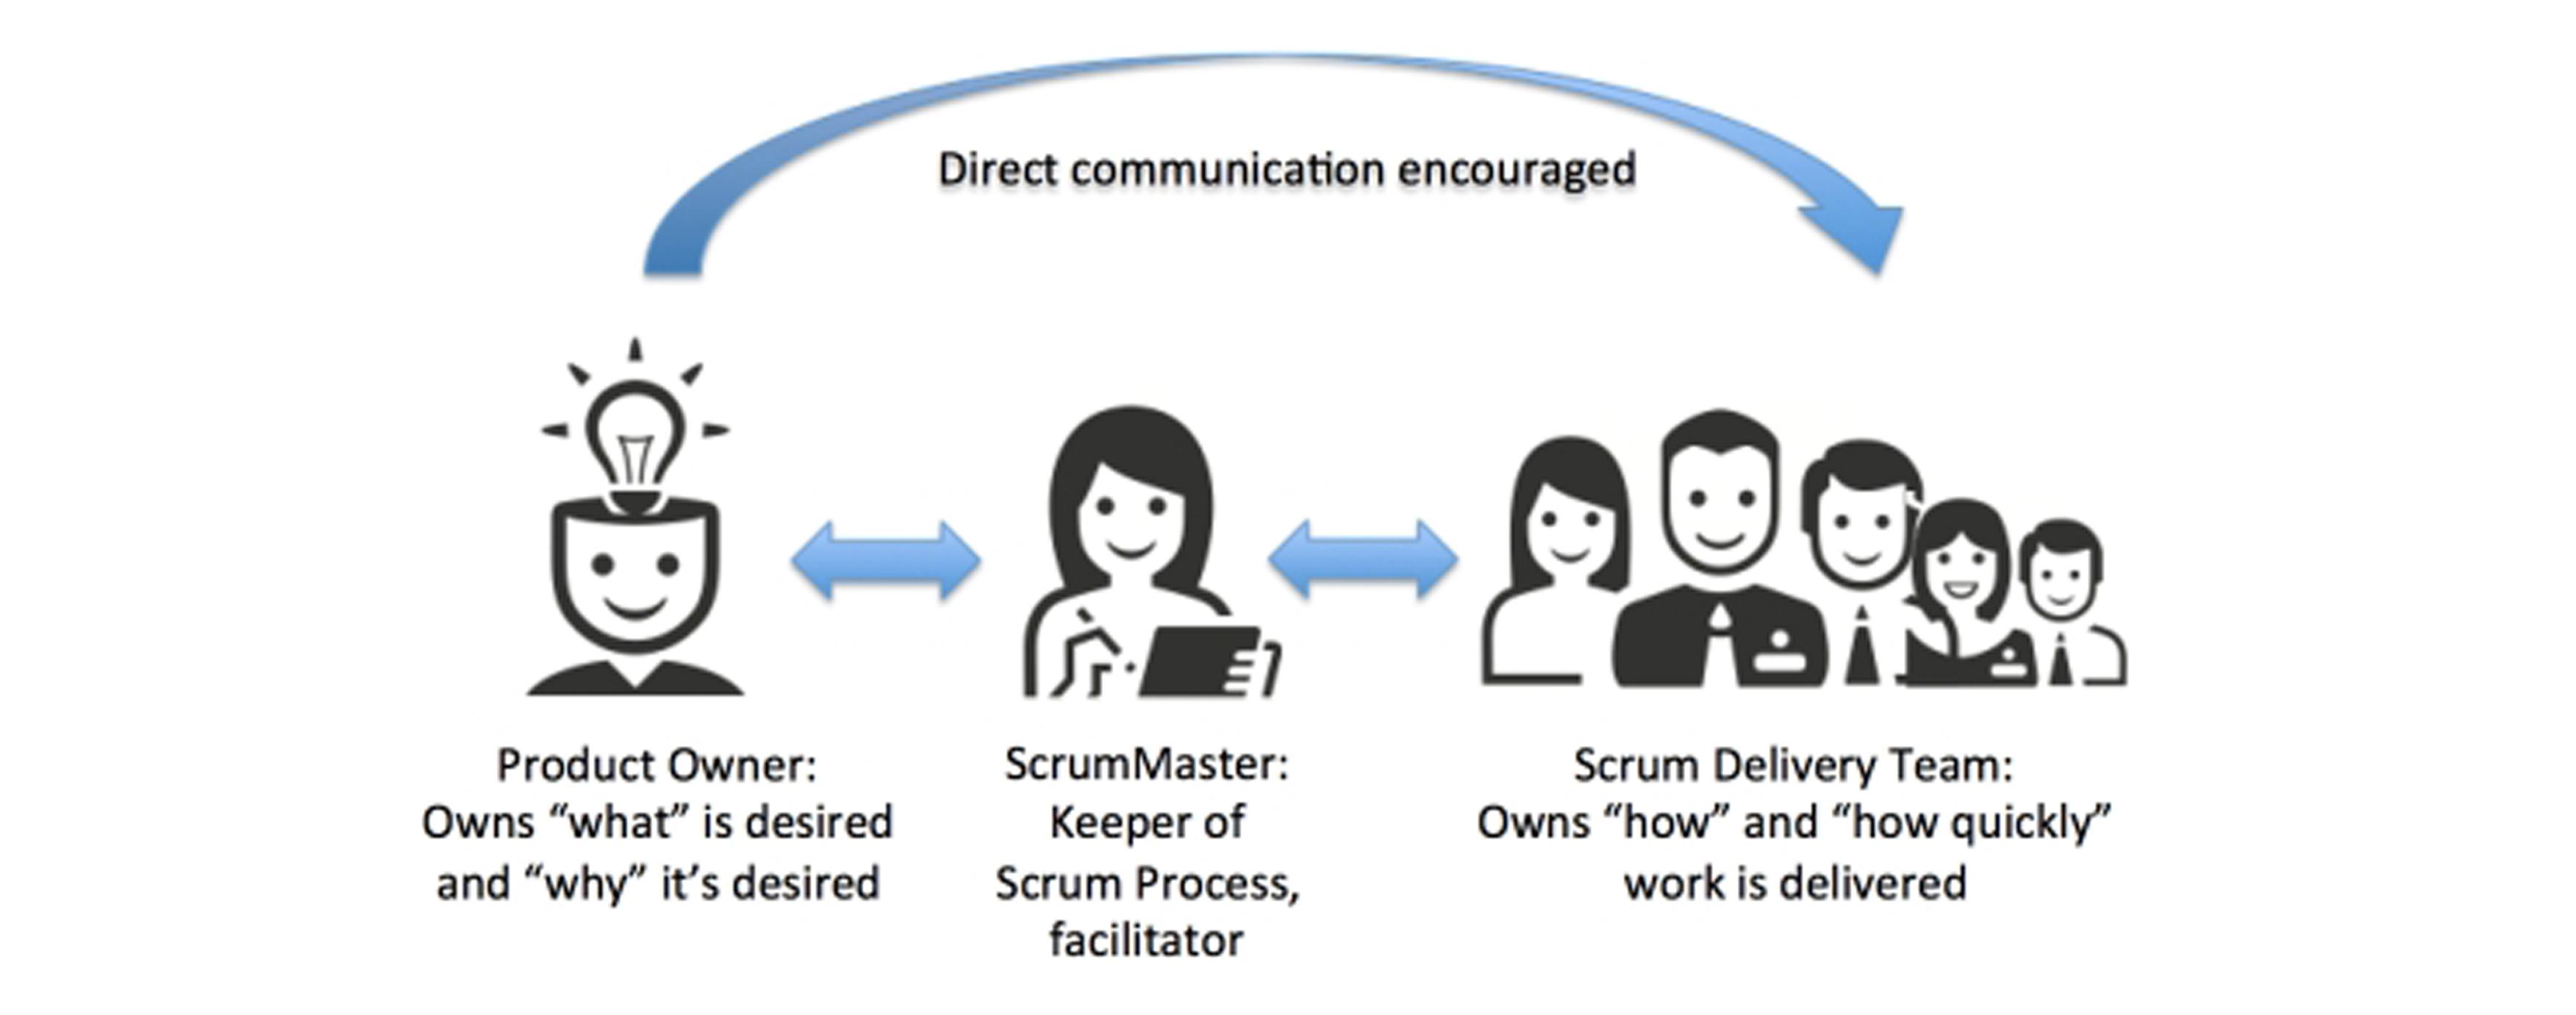 رابطهی اسکرام مستر، مدیر محصول و تیم